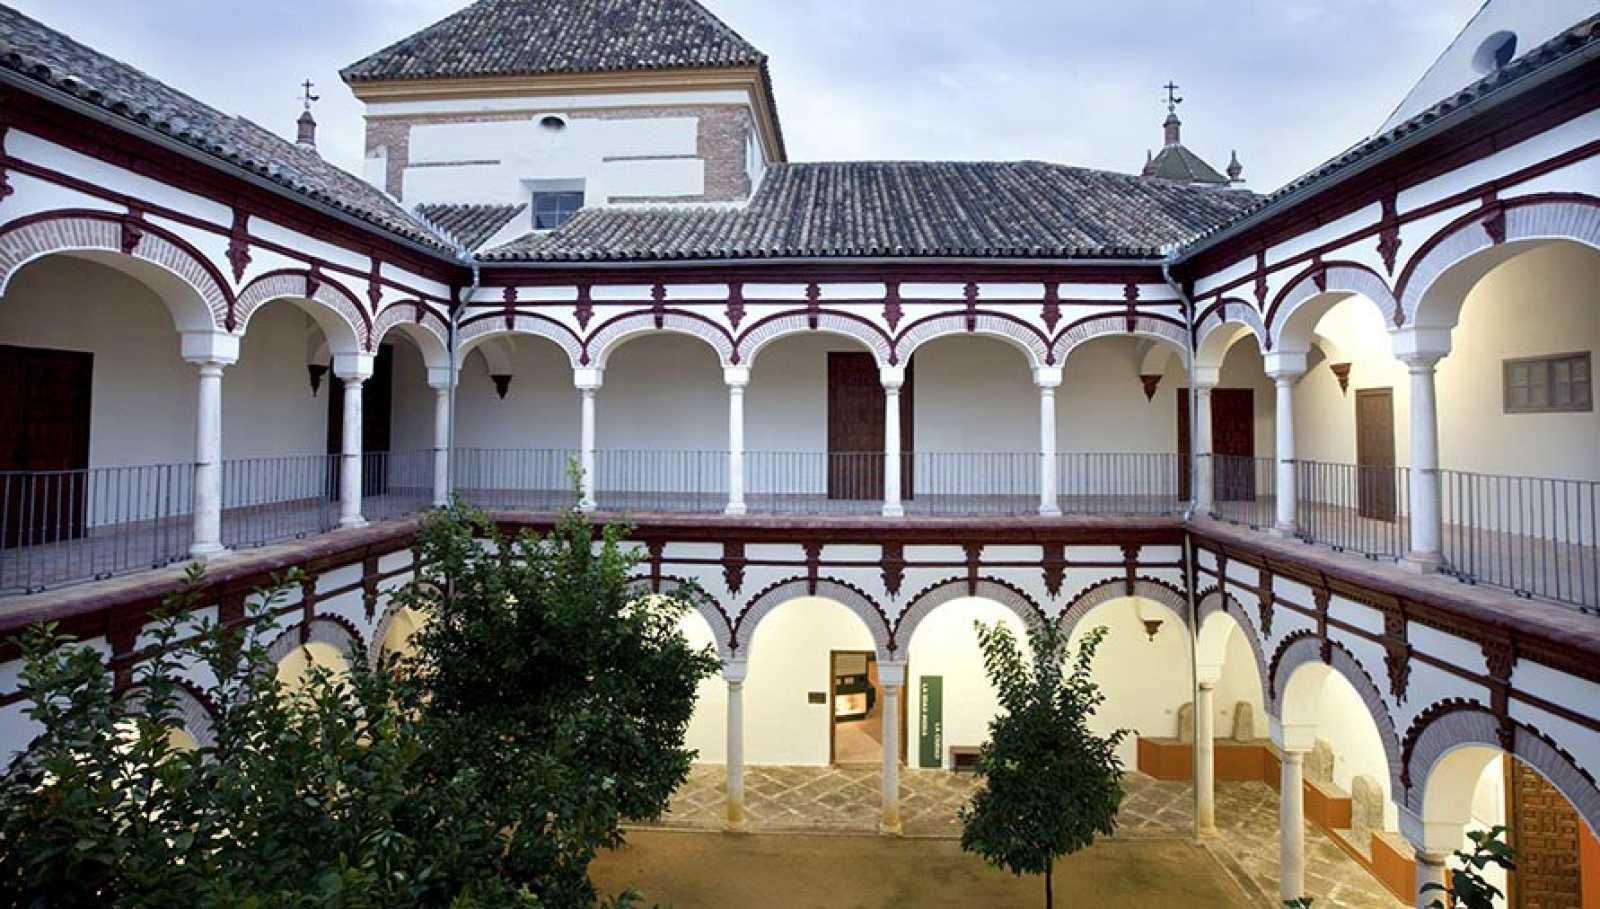 Marca España - Premio Internacional Rafael Manzano de Nueva Arquitectura Tradicional - 24/11/20 - escuchar ahora